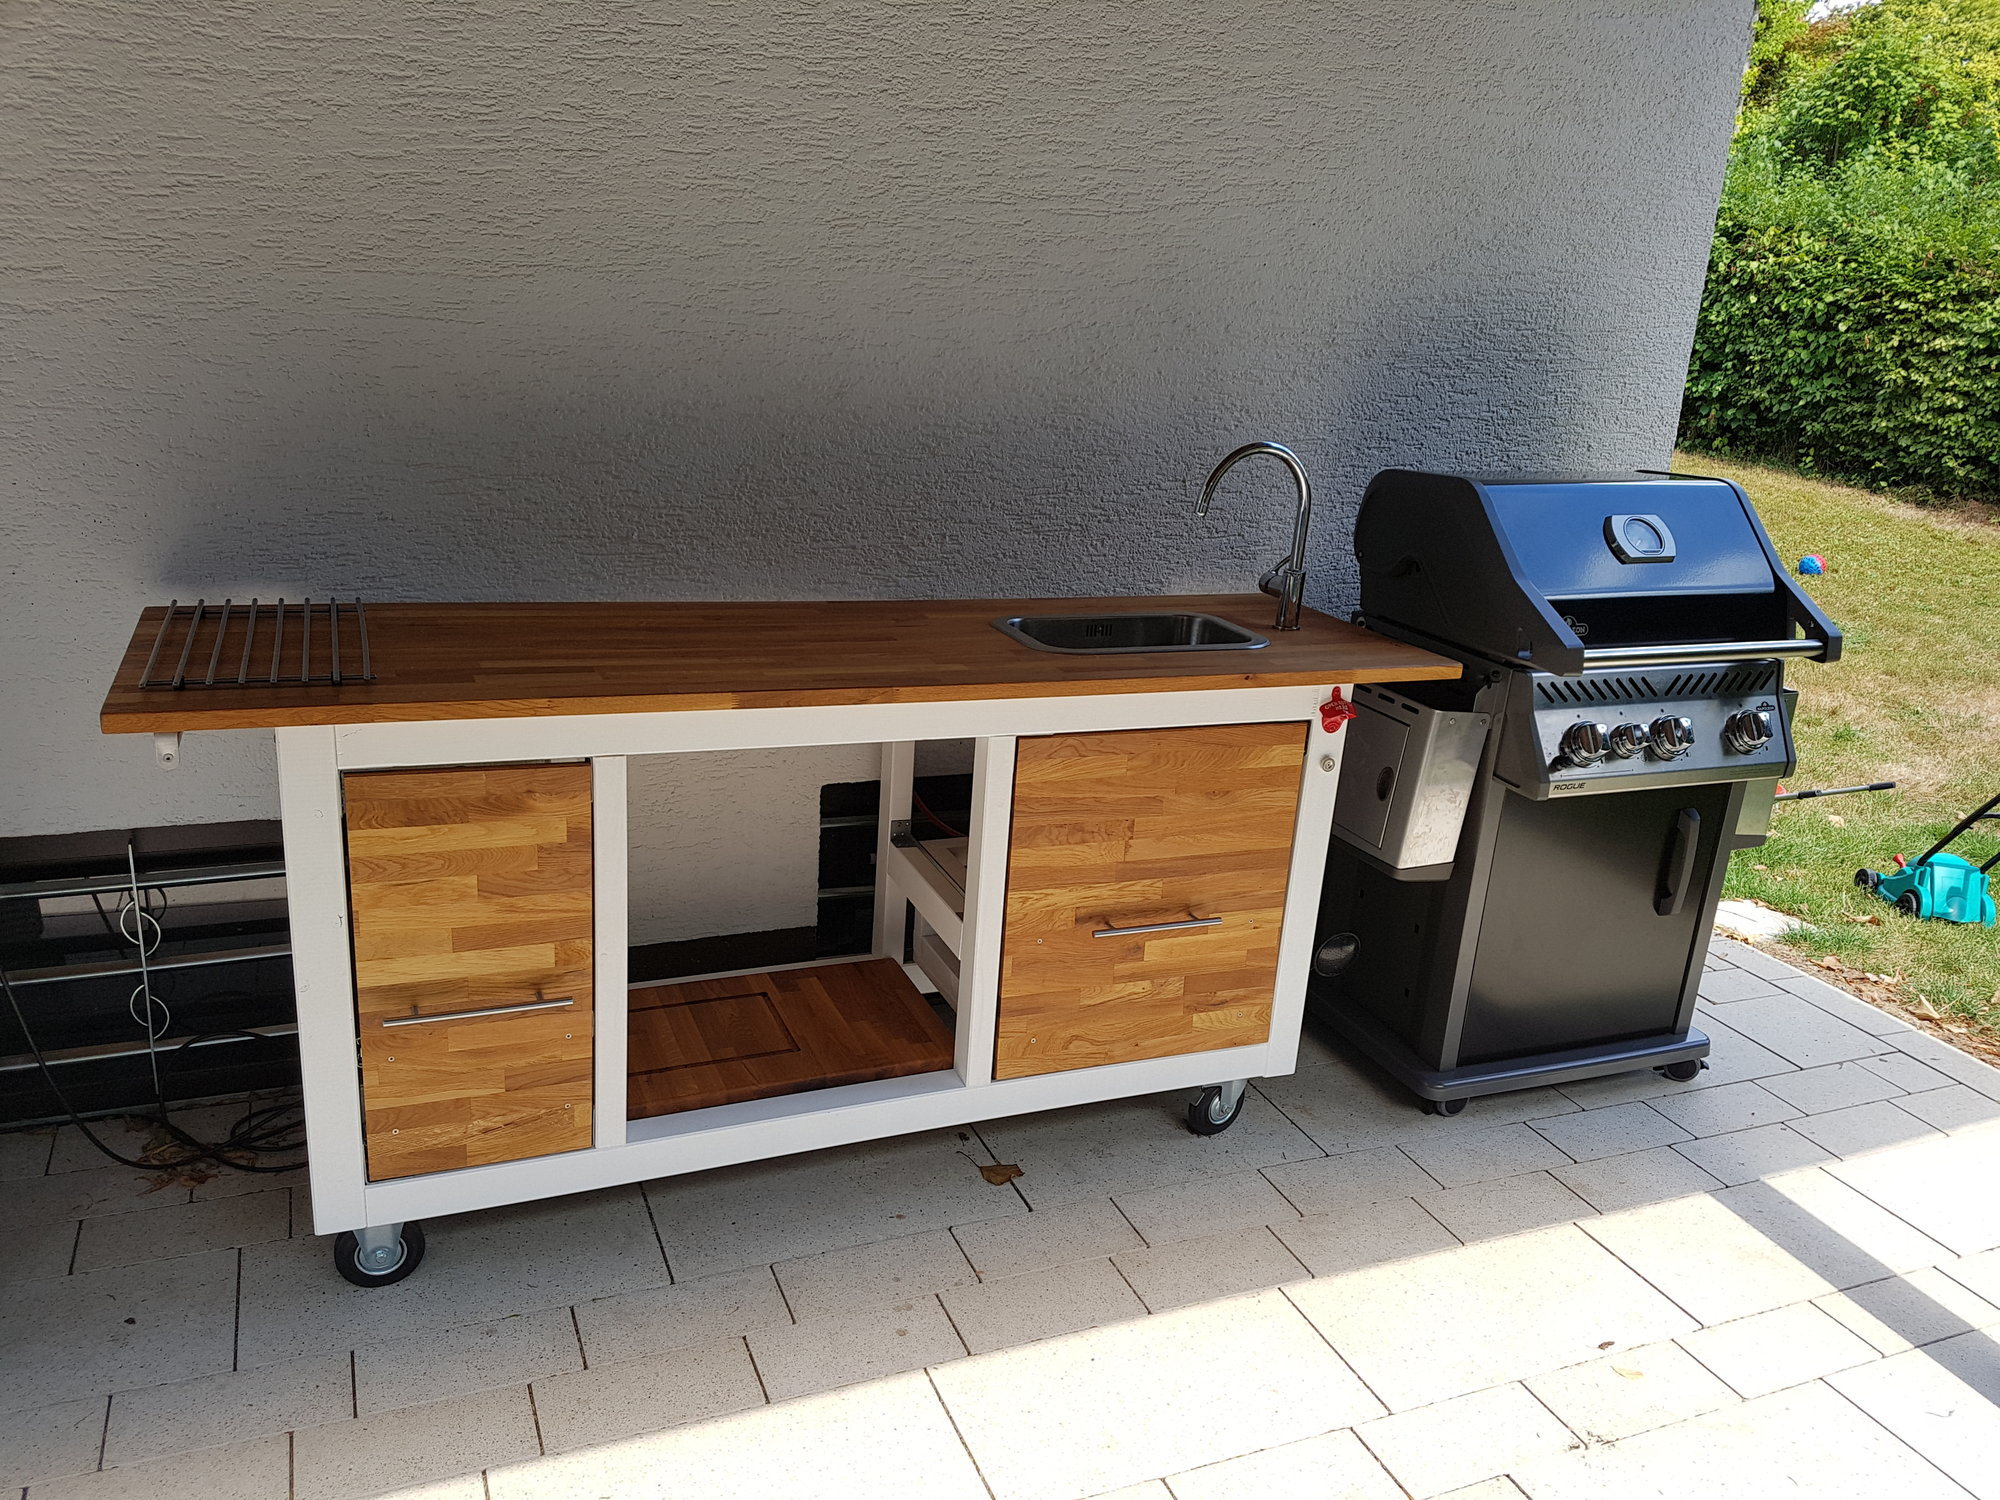 Outdoor Küchenwagen : Outdoor küchenwagen eigenbau für beefer kochen usw.. grillforum